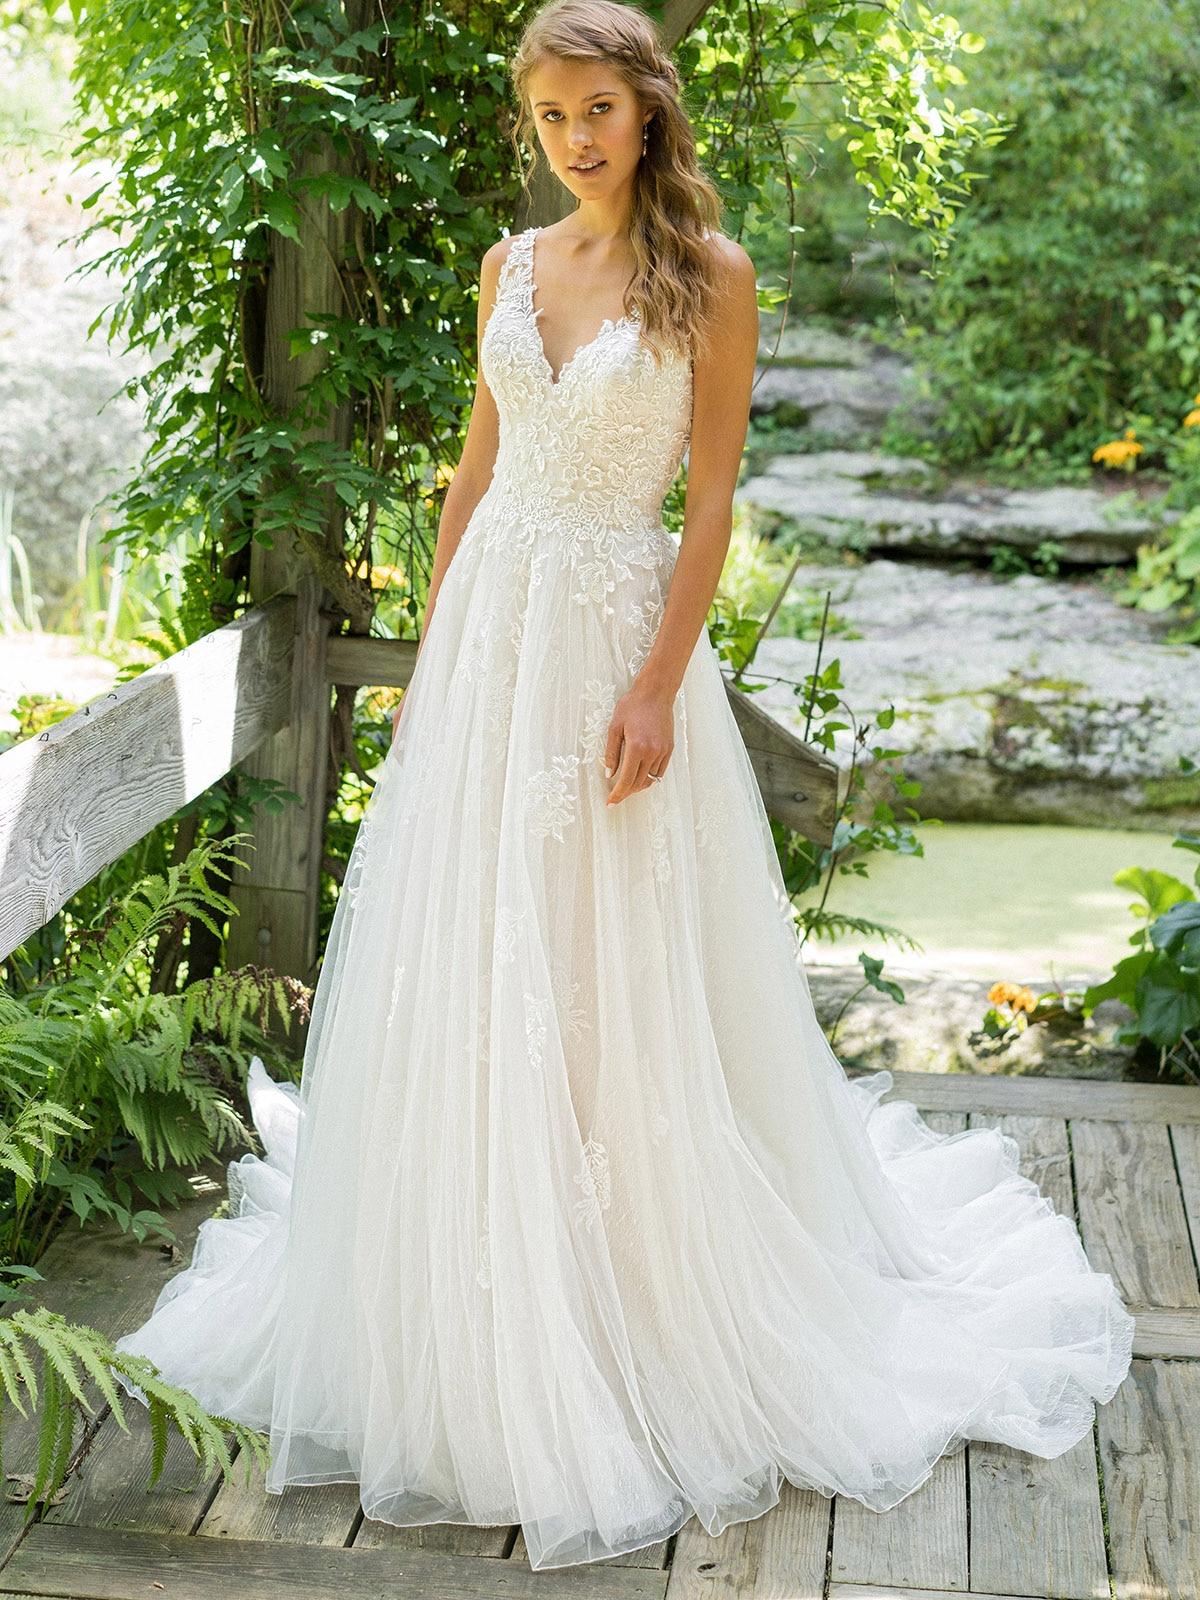 lace-v-neck-a-line-wedding-gown-with-straps-elegant-low-v-back-backless-tulle-custom-made-vintage-a-line-appliqued-bridal-dress